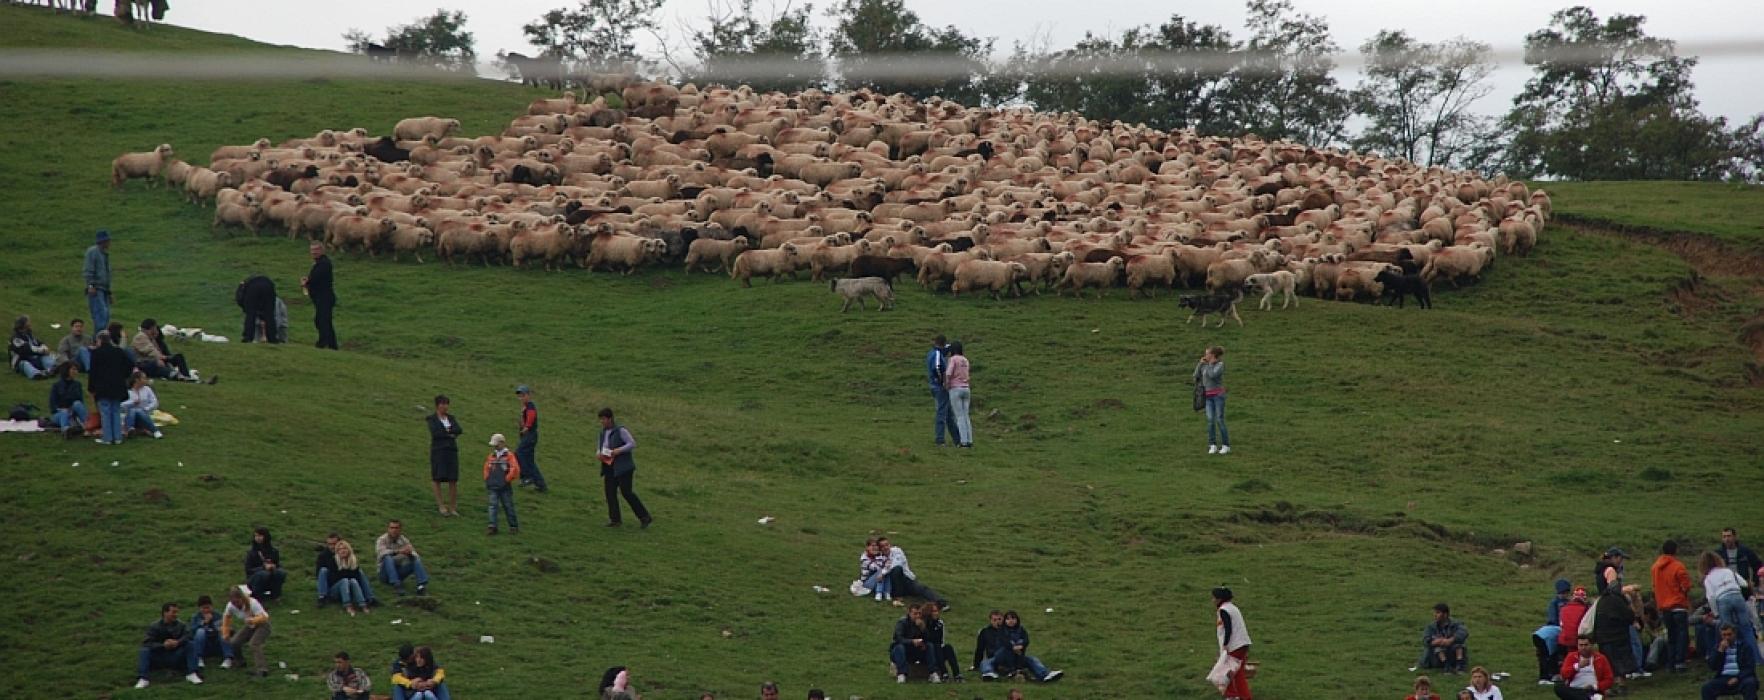 Răvăşitul oilor, în comuna Runcu